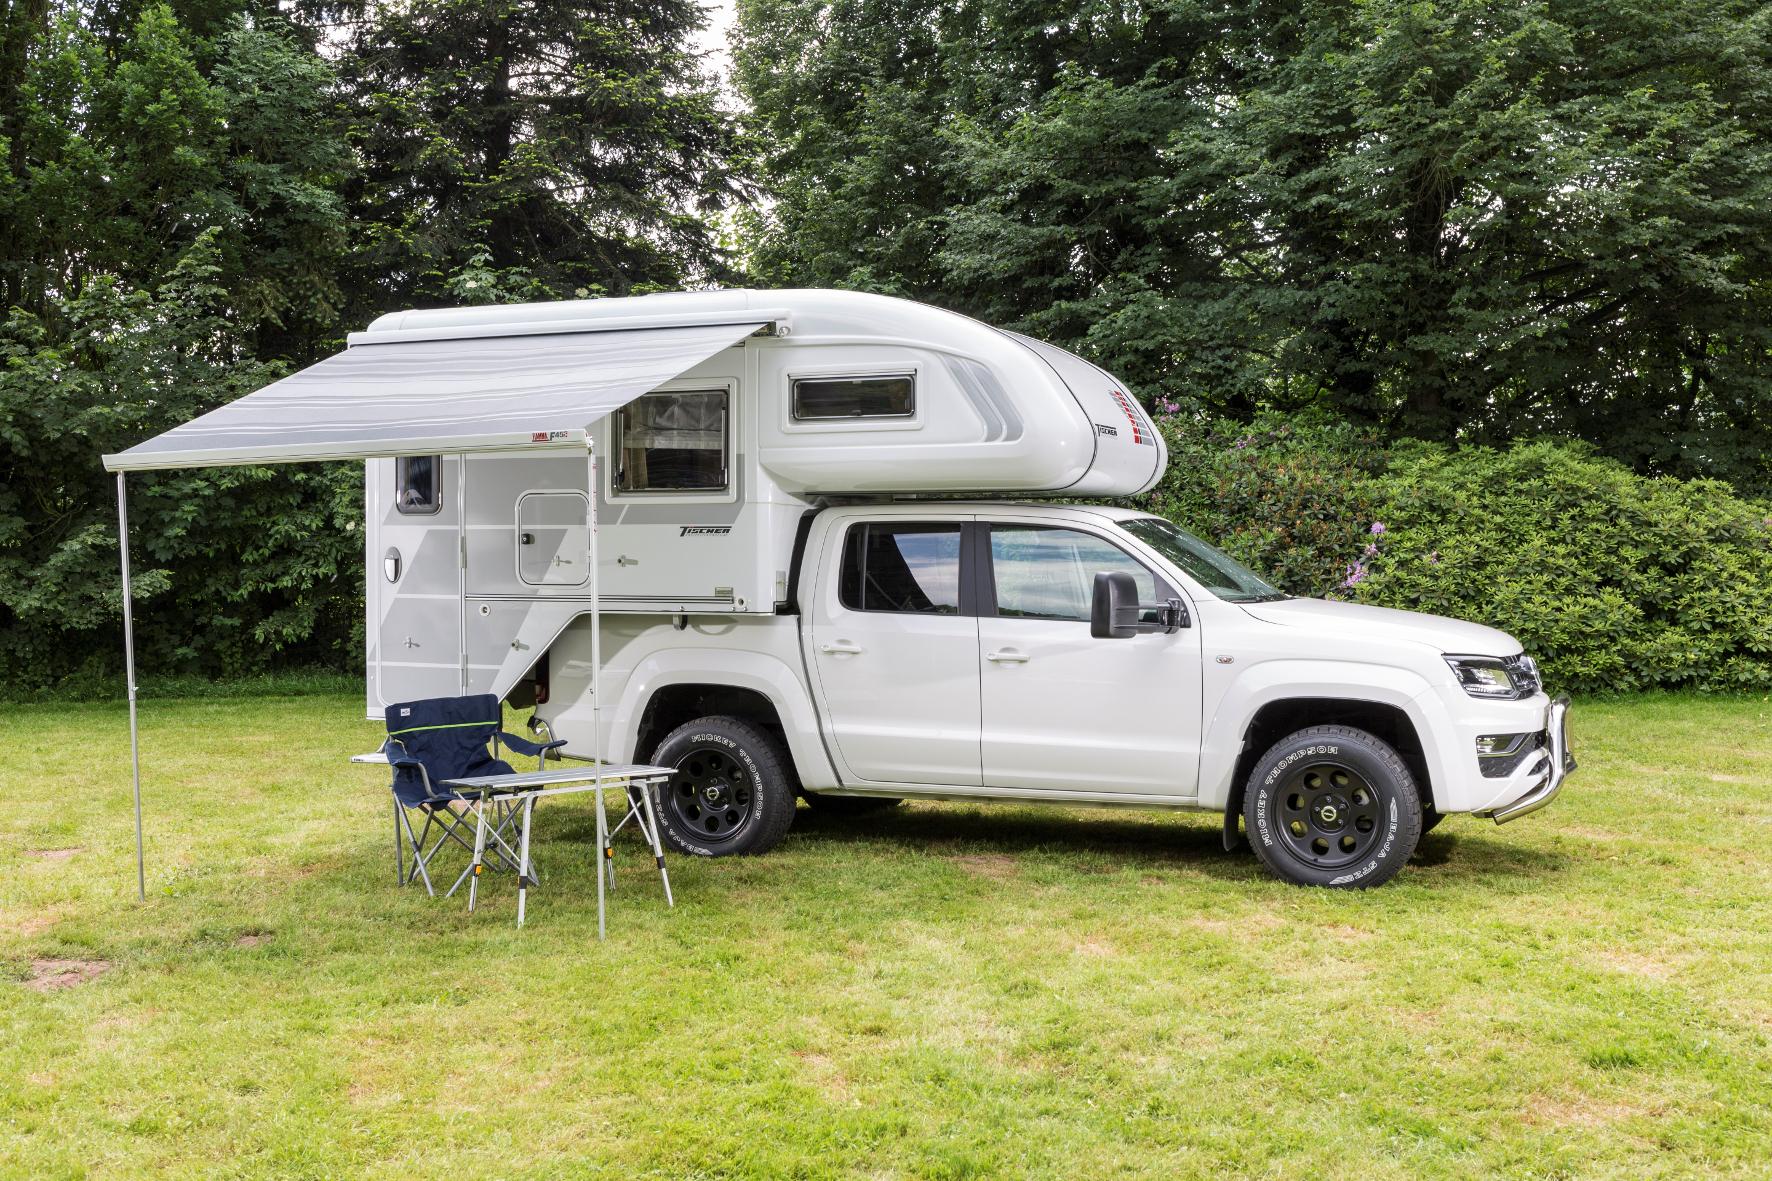 Campingbusse auf VW-Basis: An Vielfalt kaum zu übertreffen